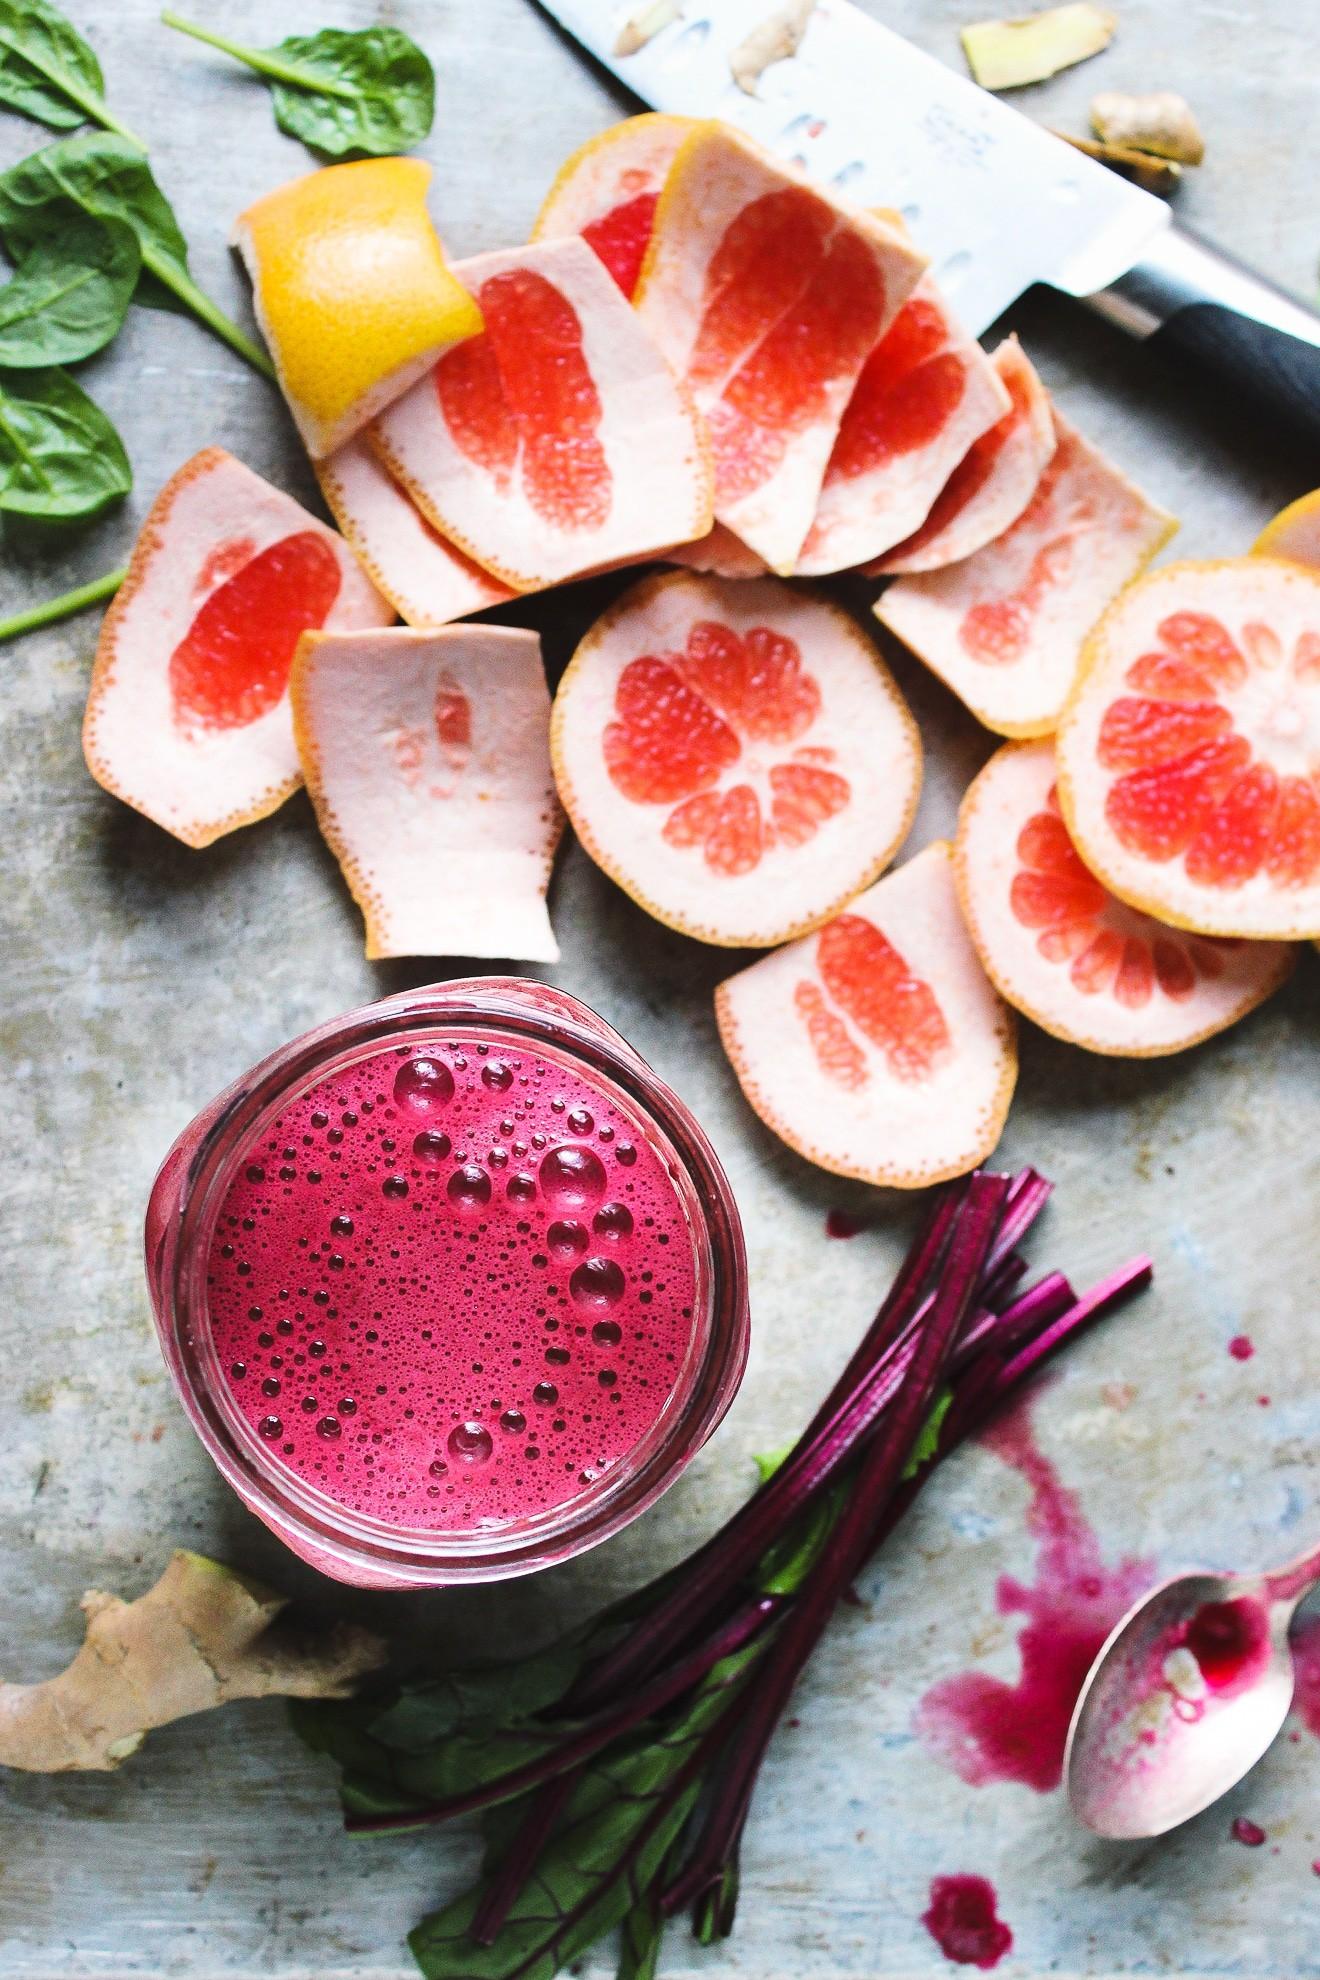 Gợi ý 5 công thức nước detox thay thế các bữa ăn từ những nguyên liệu ở ngay xung quanh bạn - Ảnh 2